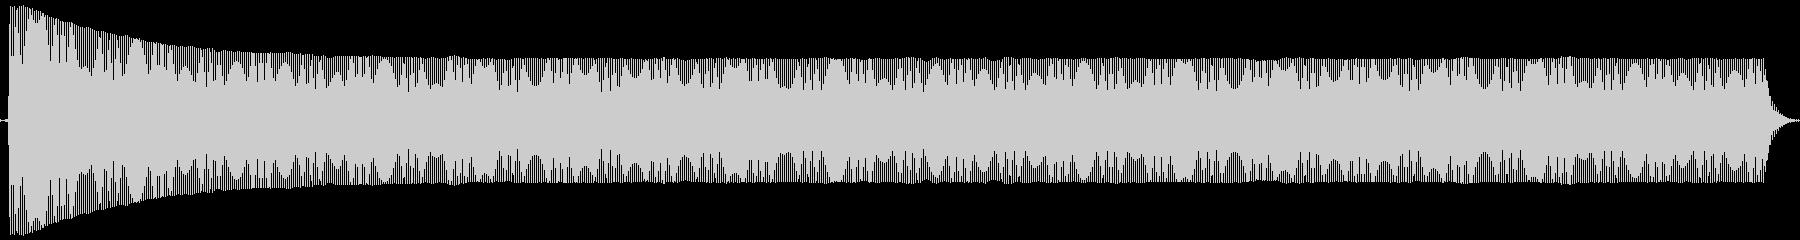 ポヨヨヨ。言葉を伏せる音(低)の未再生の波形